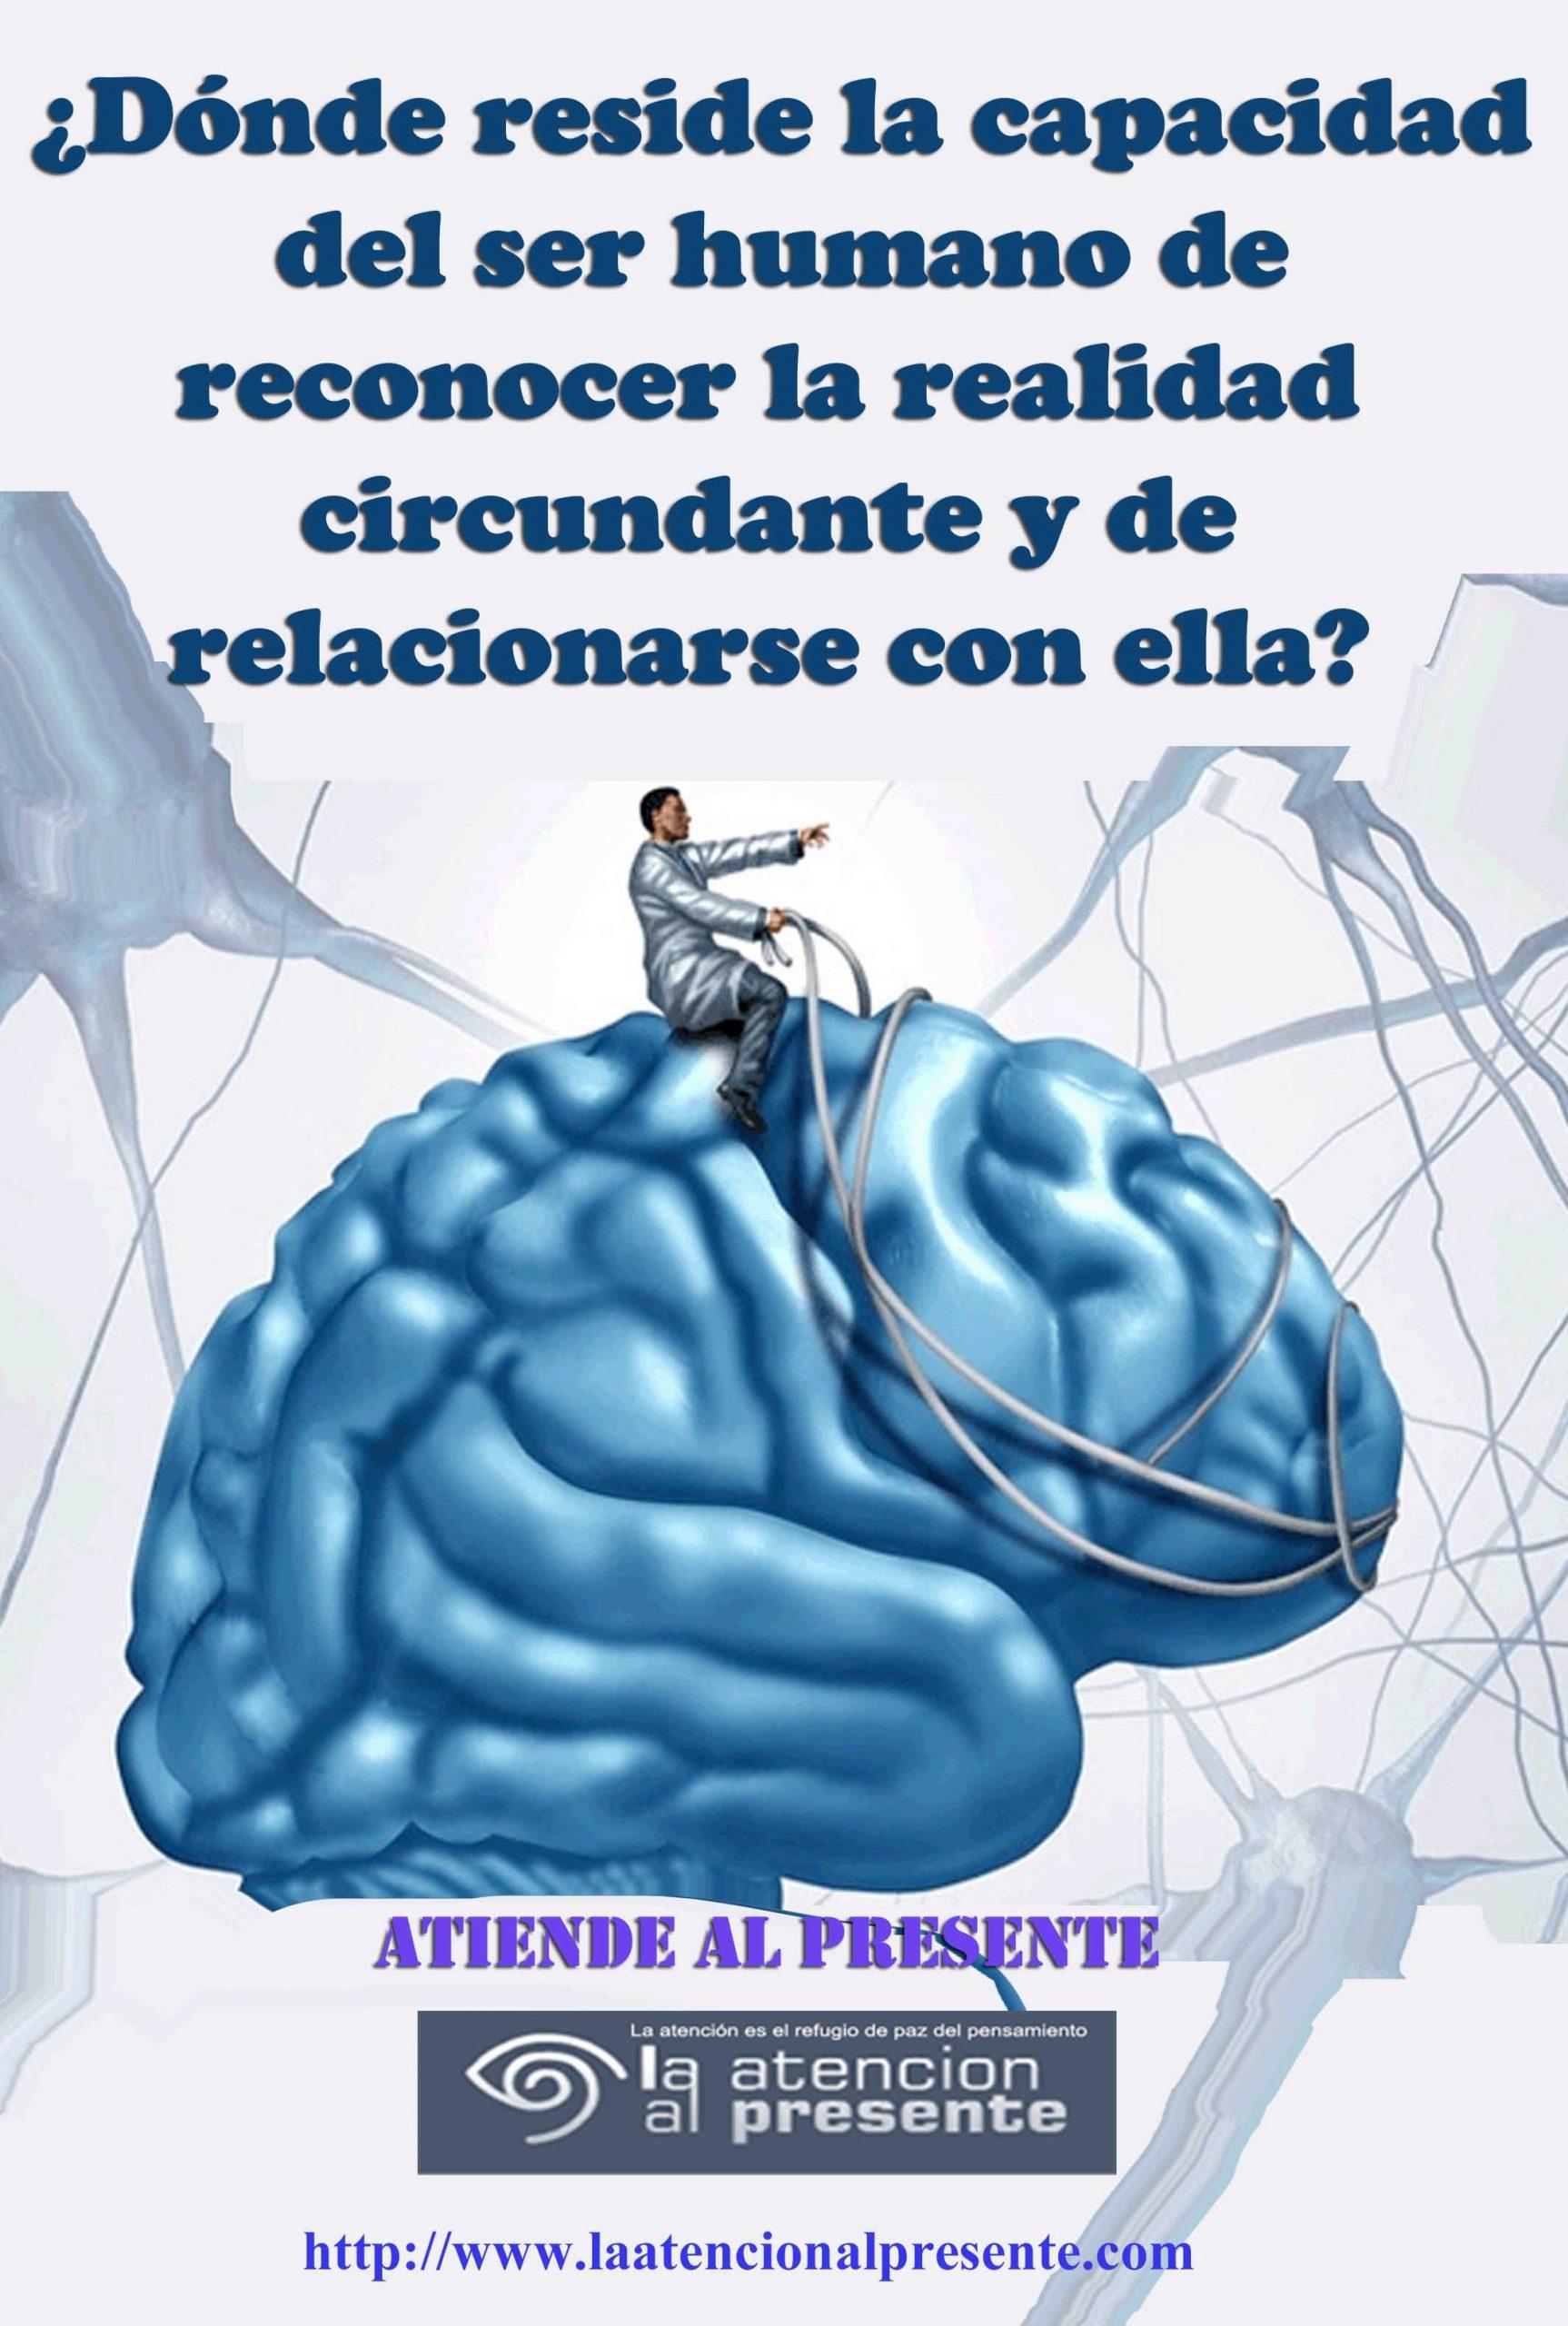 8 de Julio Esteban Dónde reside la capacidad del ser humano de reconocer la realidad circundante y de relacionarse con ella min scaled